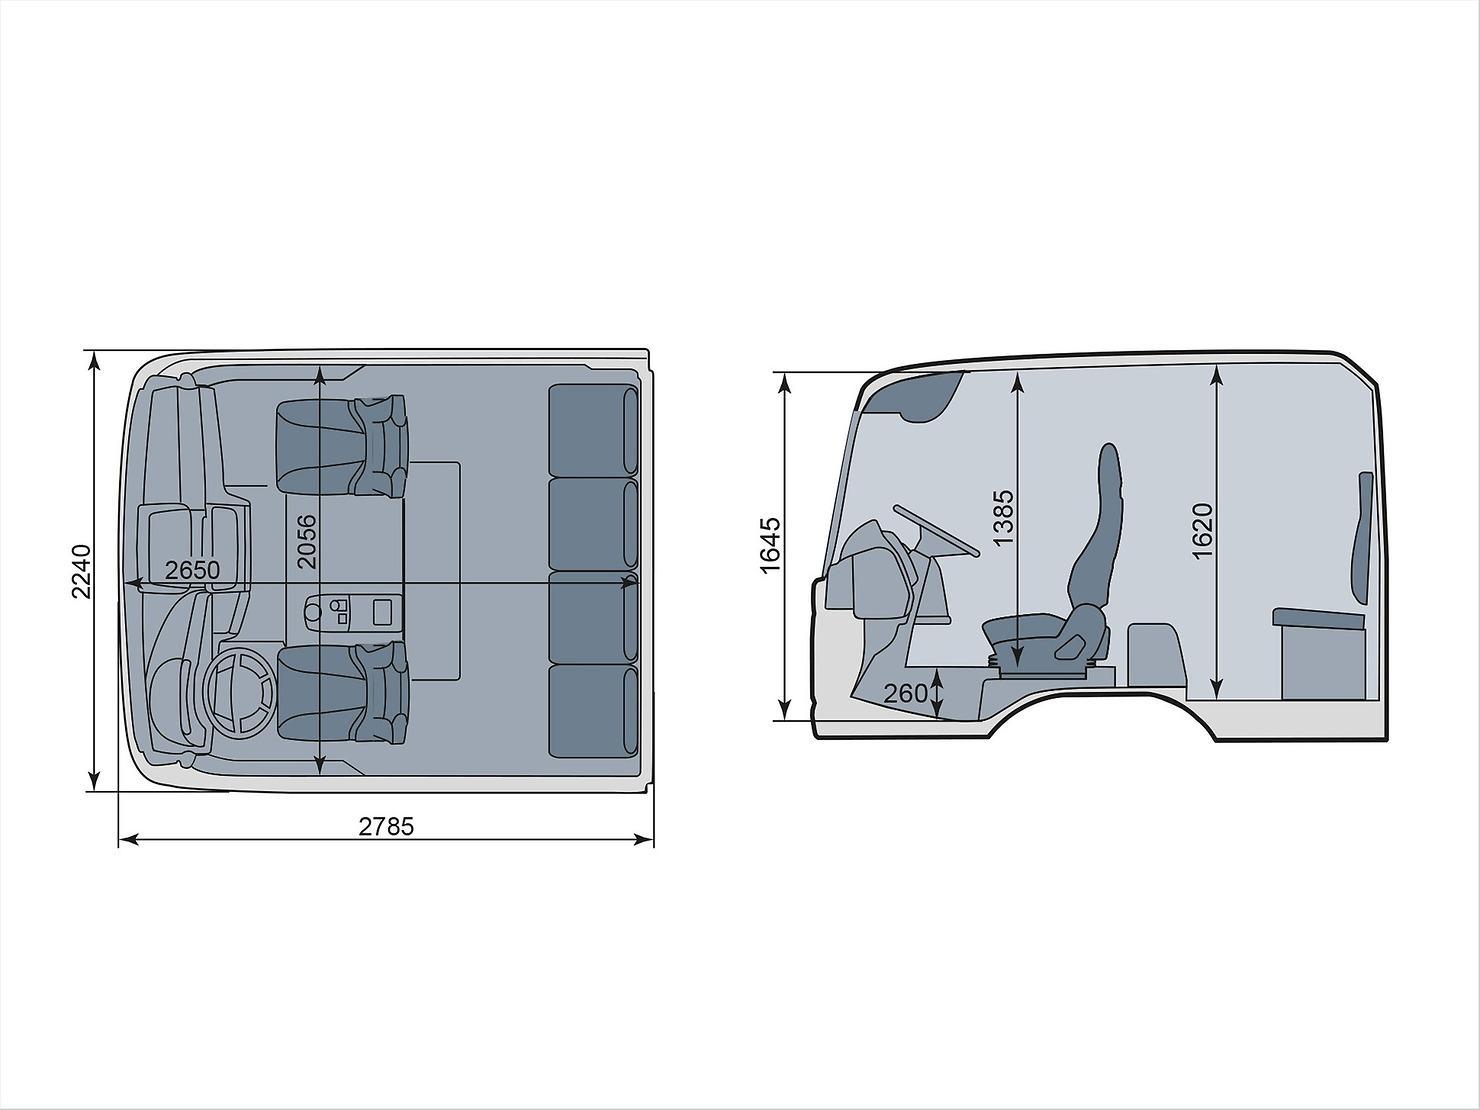 Кабина MAN с двумя рядами сидений (схема)